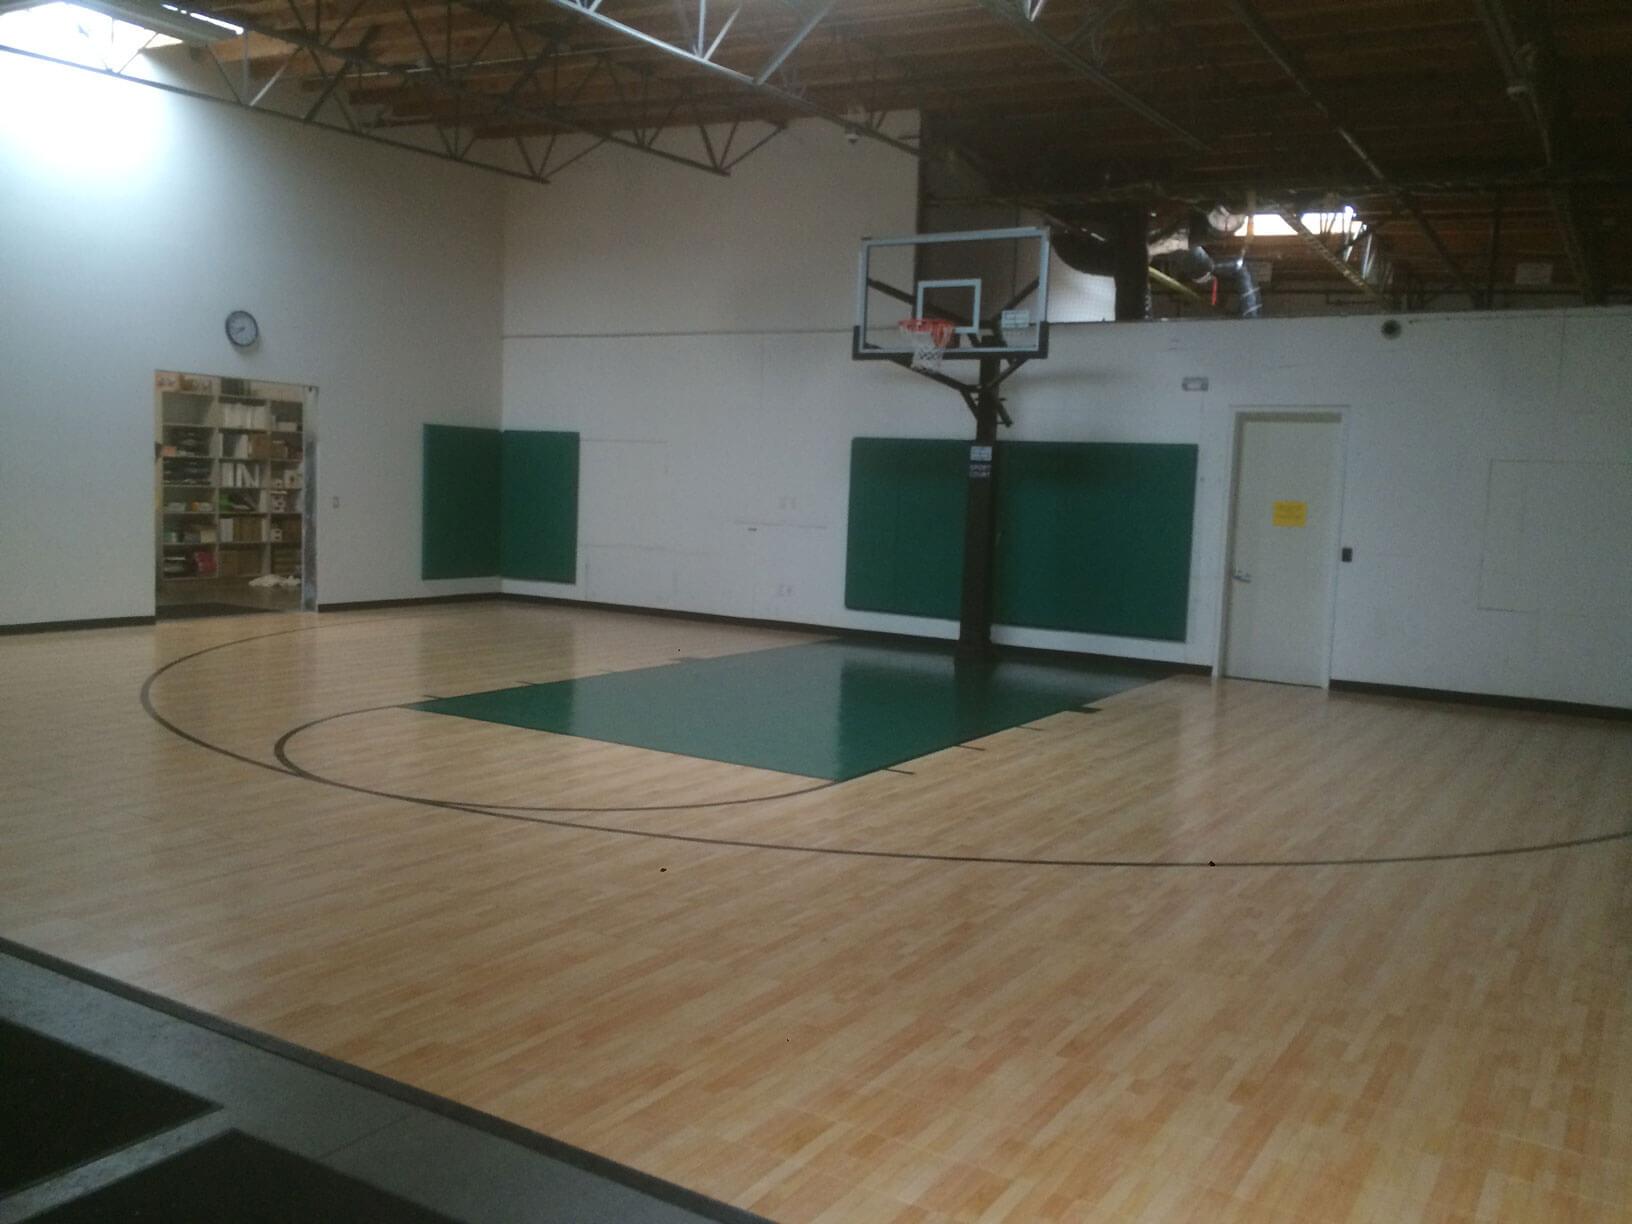 Sport Court Indoor Multi Purpose Room Gymnasium Athletic Flooring AllSport America